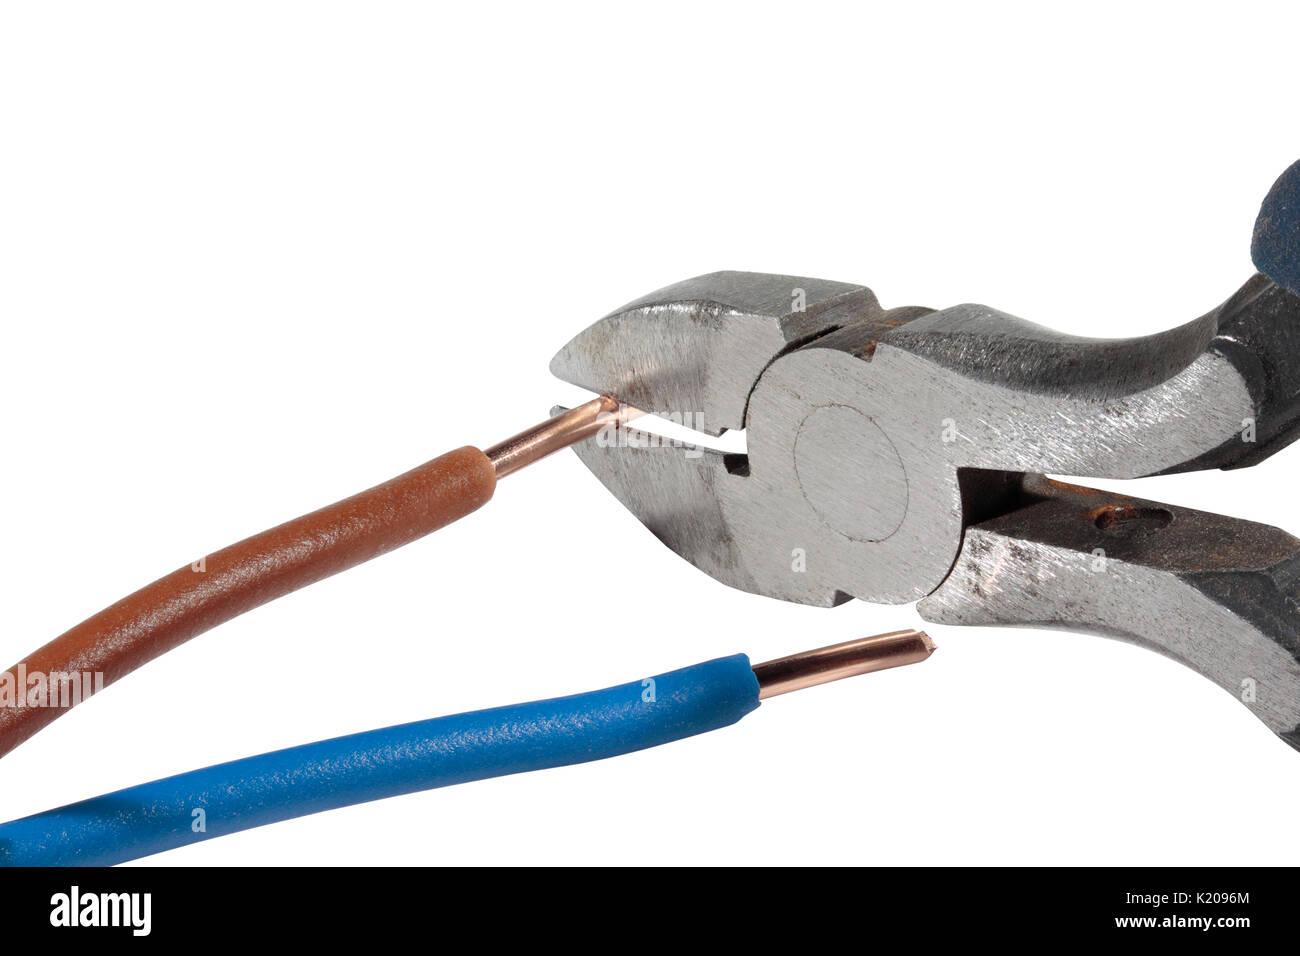 Trimmen eines spannungsführenden Leiter/Draht mit Seitenschneider/diagonal Zange auf weißem Hintergrund Stockbild